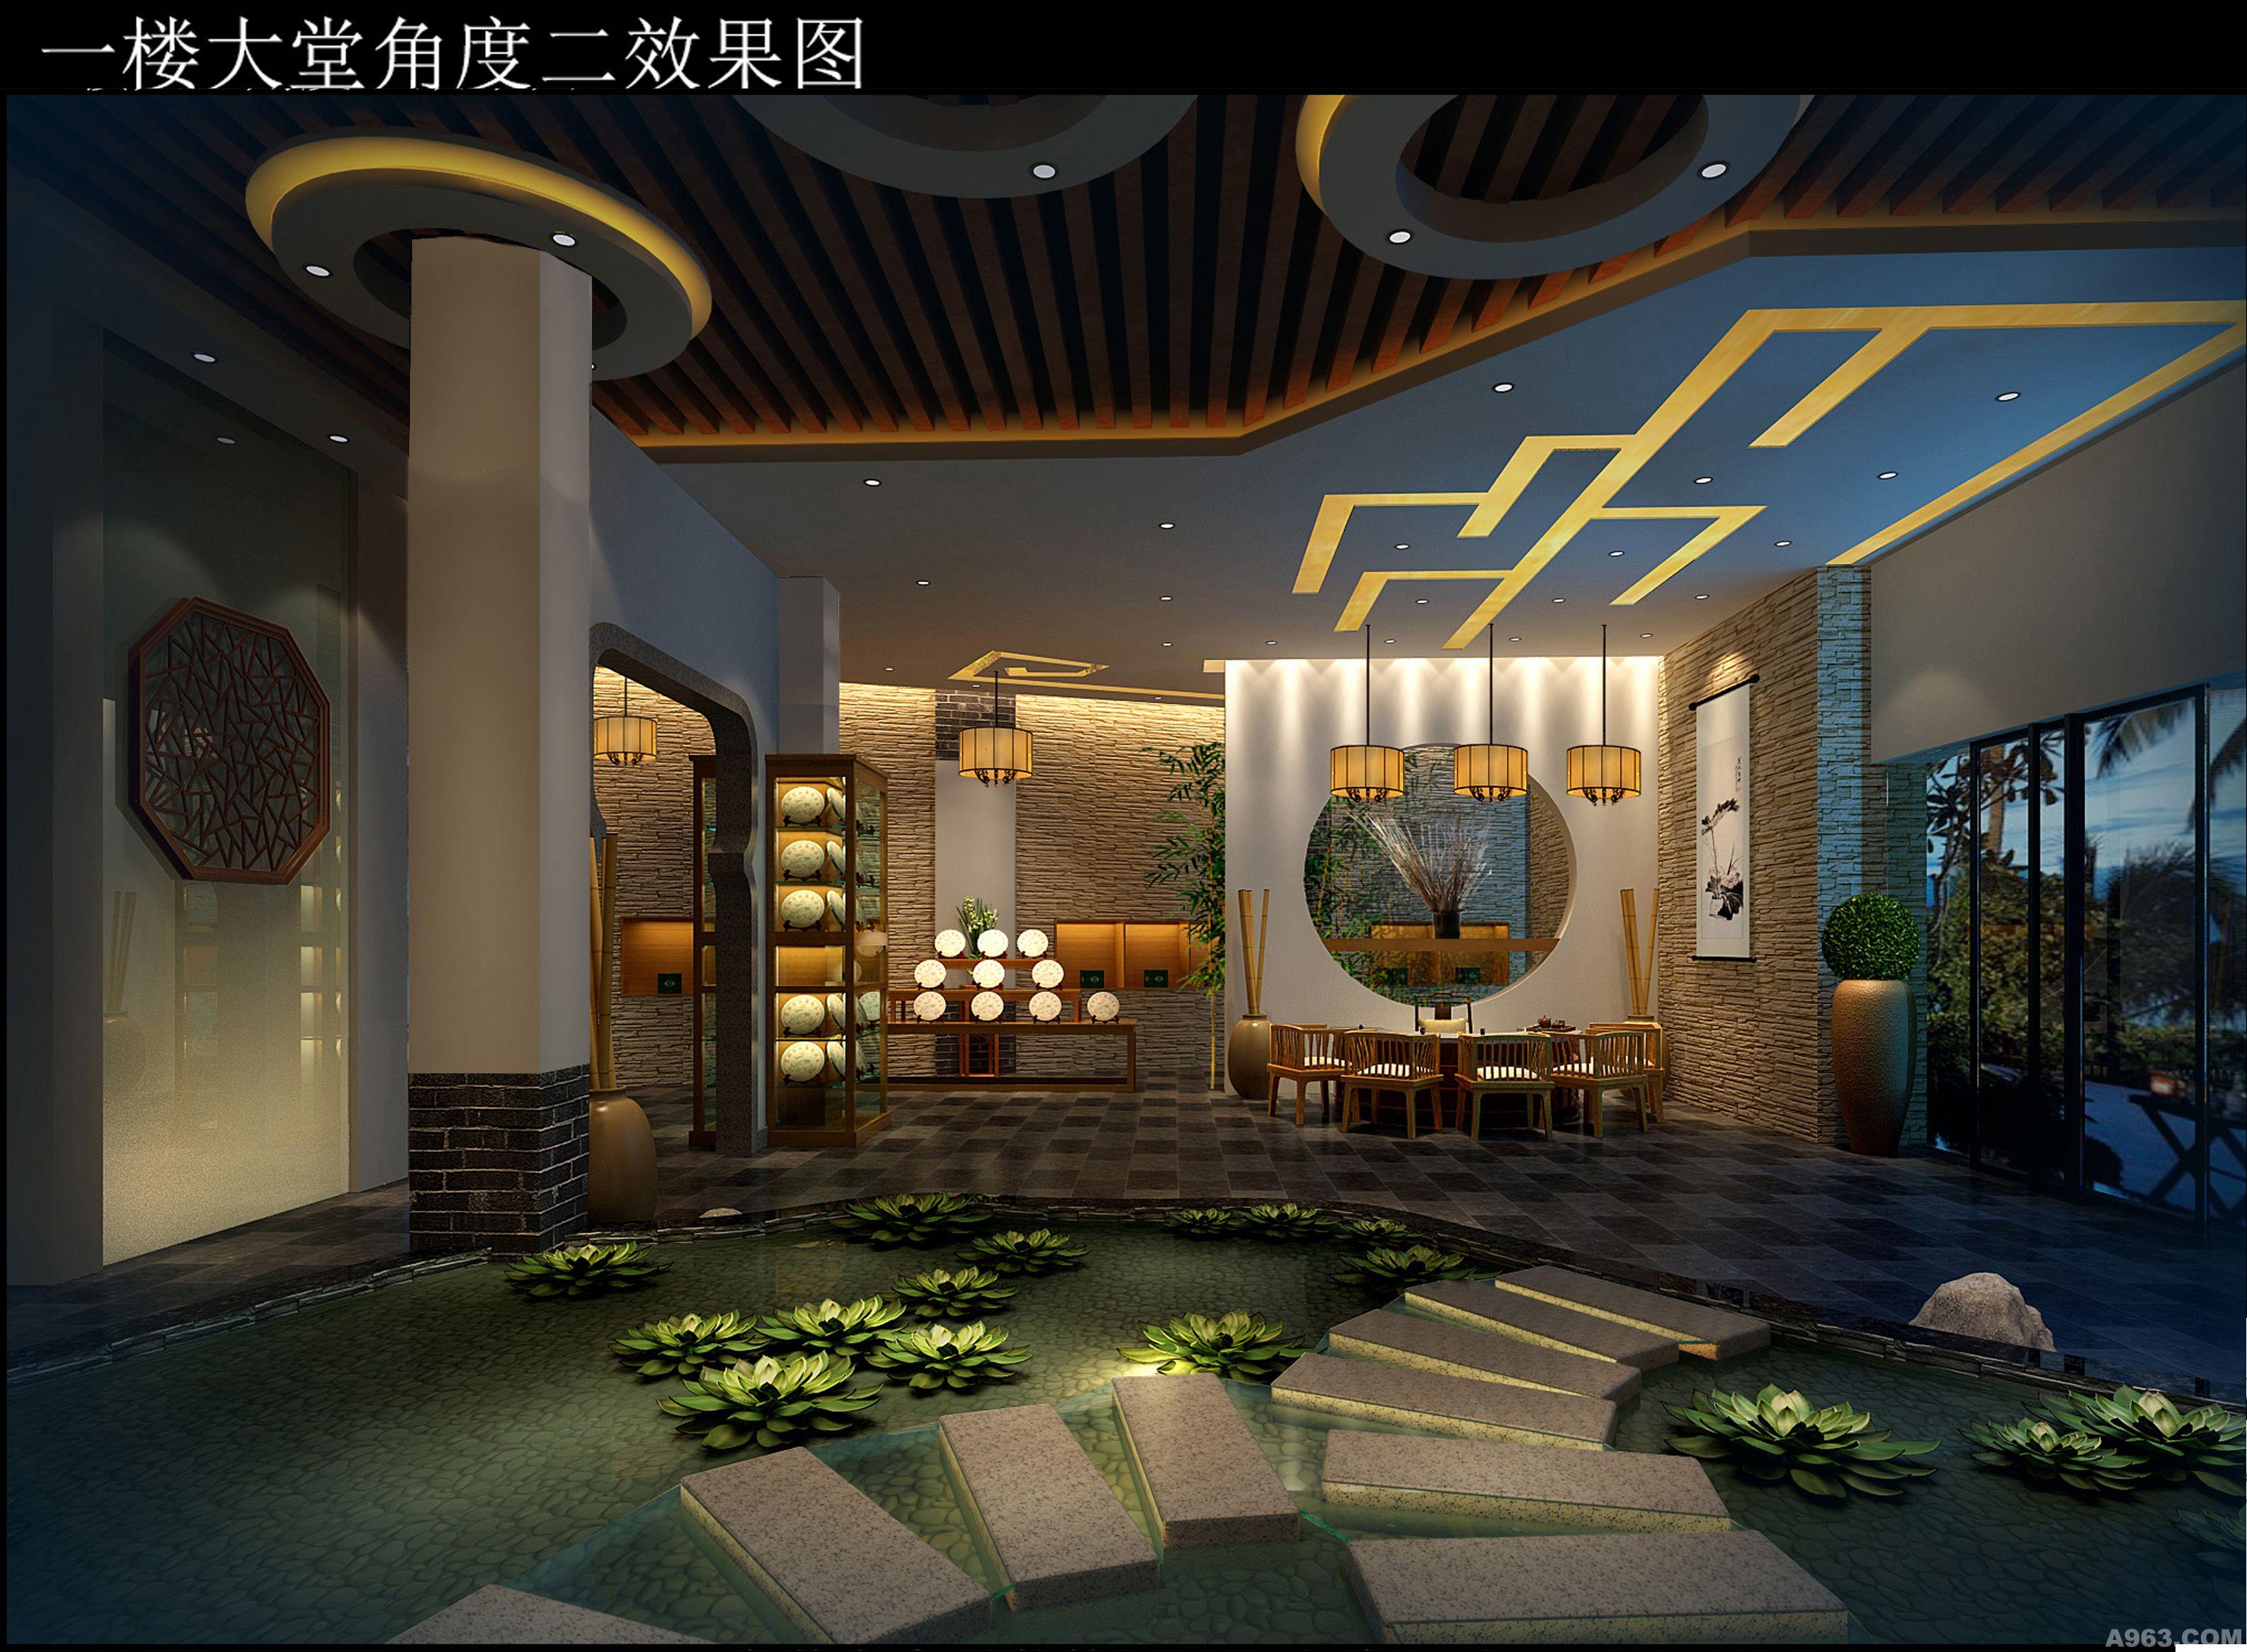 中华室内设计网 作品中心 公共空间 茶艺茶馆 > 熊超作品